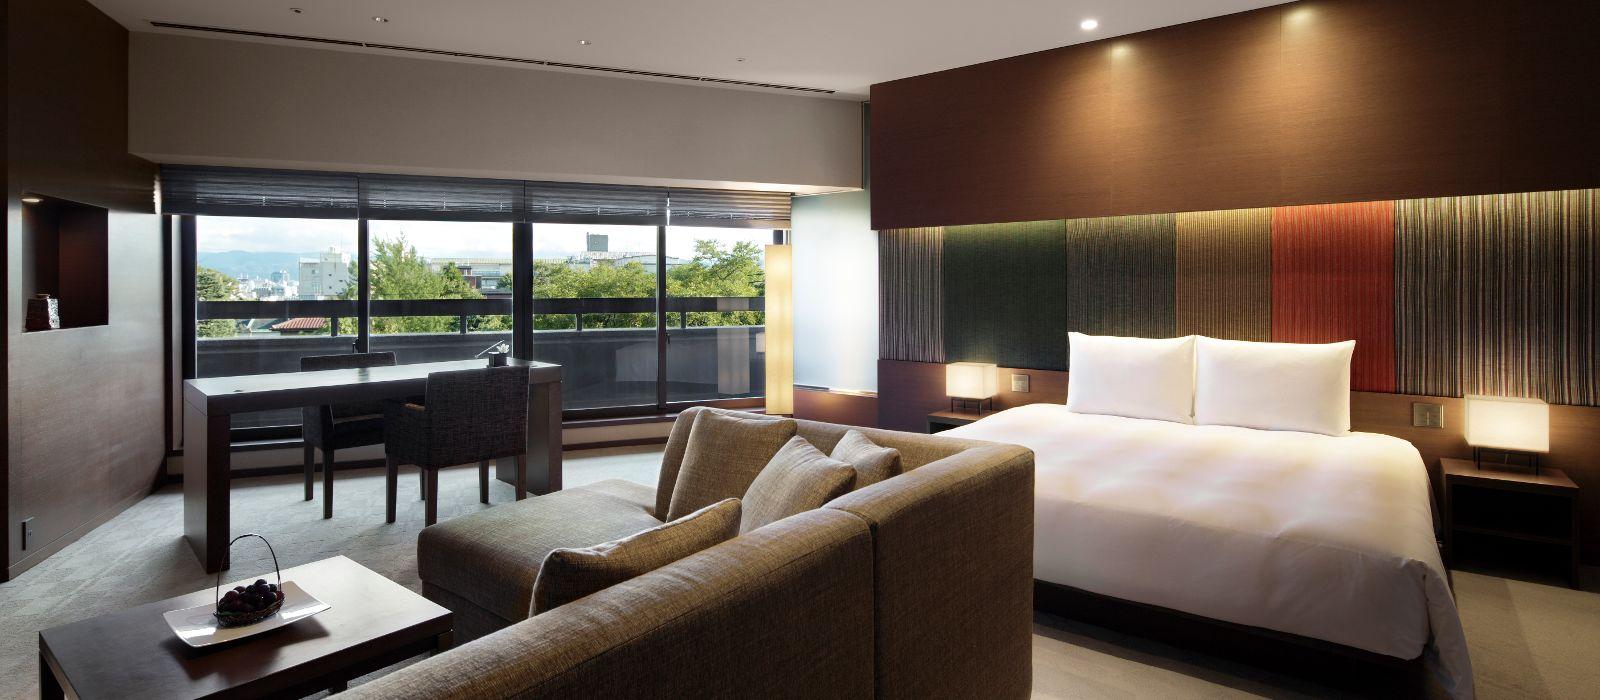 Hotel Hyatt Regency Kyoto Japan